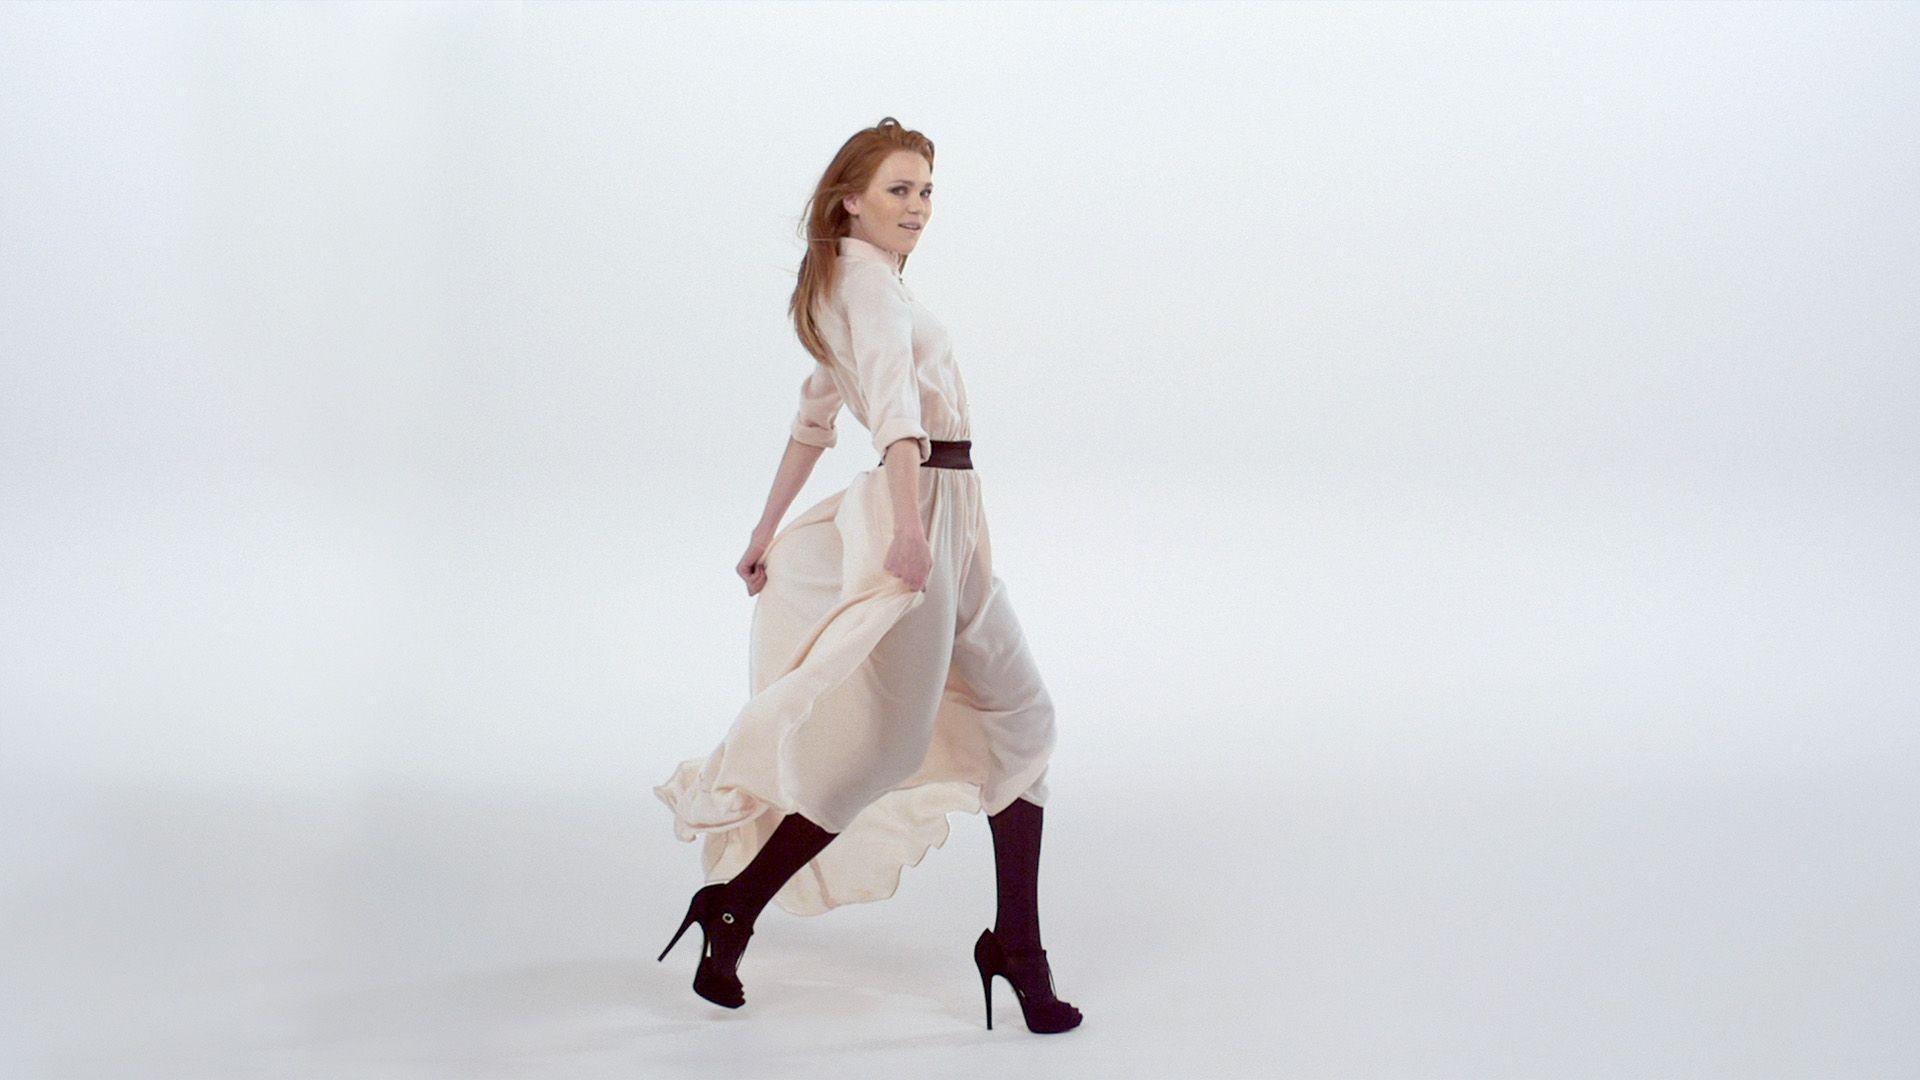 Sanftes Rosa und ein fließender Schnitt - Kleid von Marcel Ostertag, erhältlich bei KARSTADT